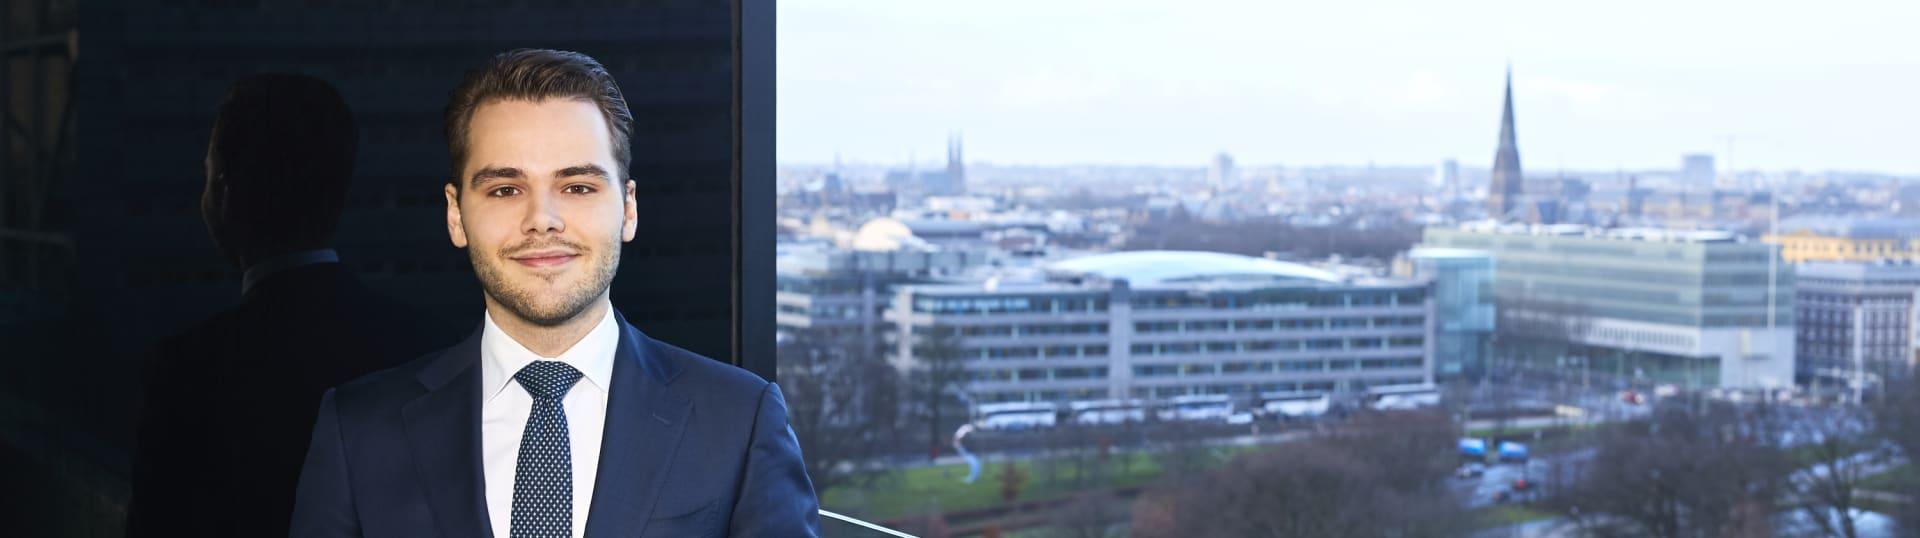 Jim Zweers, advocaat Pels Rijcken